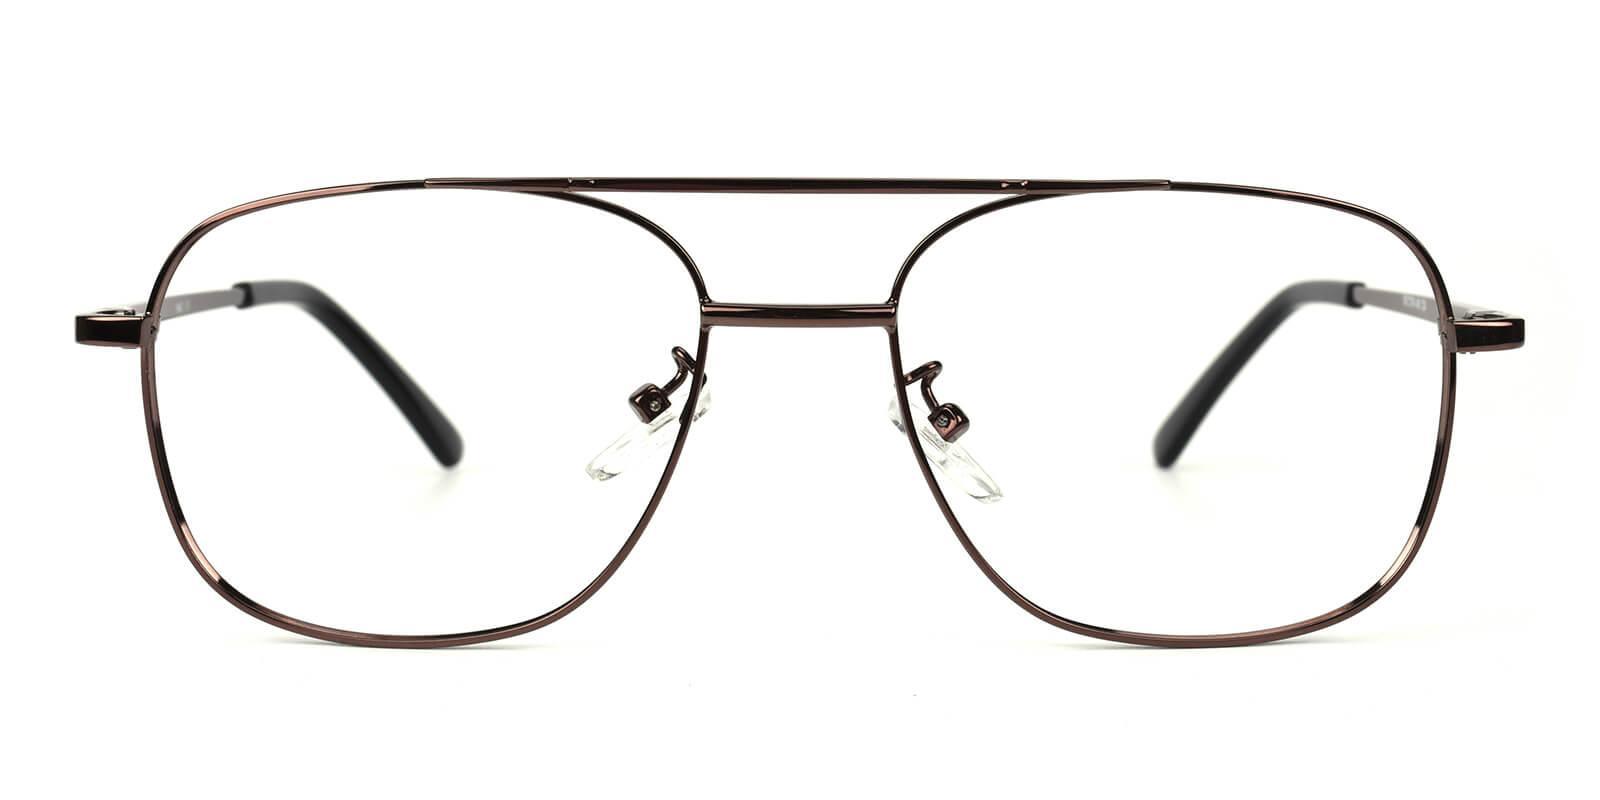 Sally-Brown-Aviator-Metal-Eyeglasses-detail